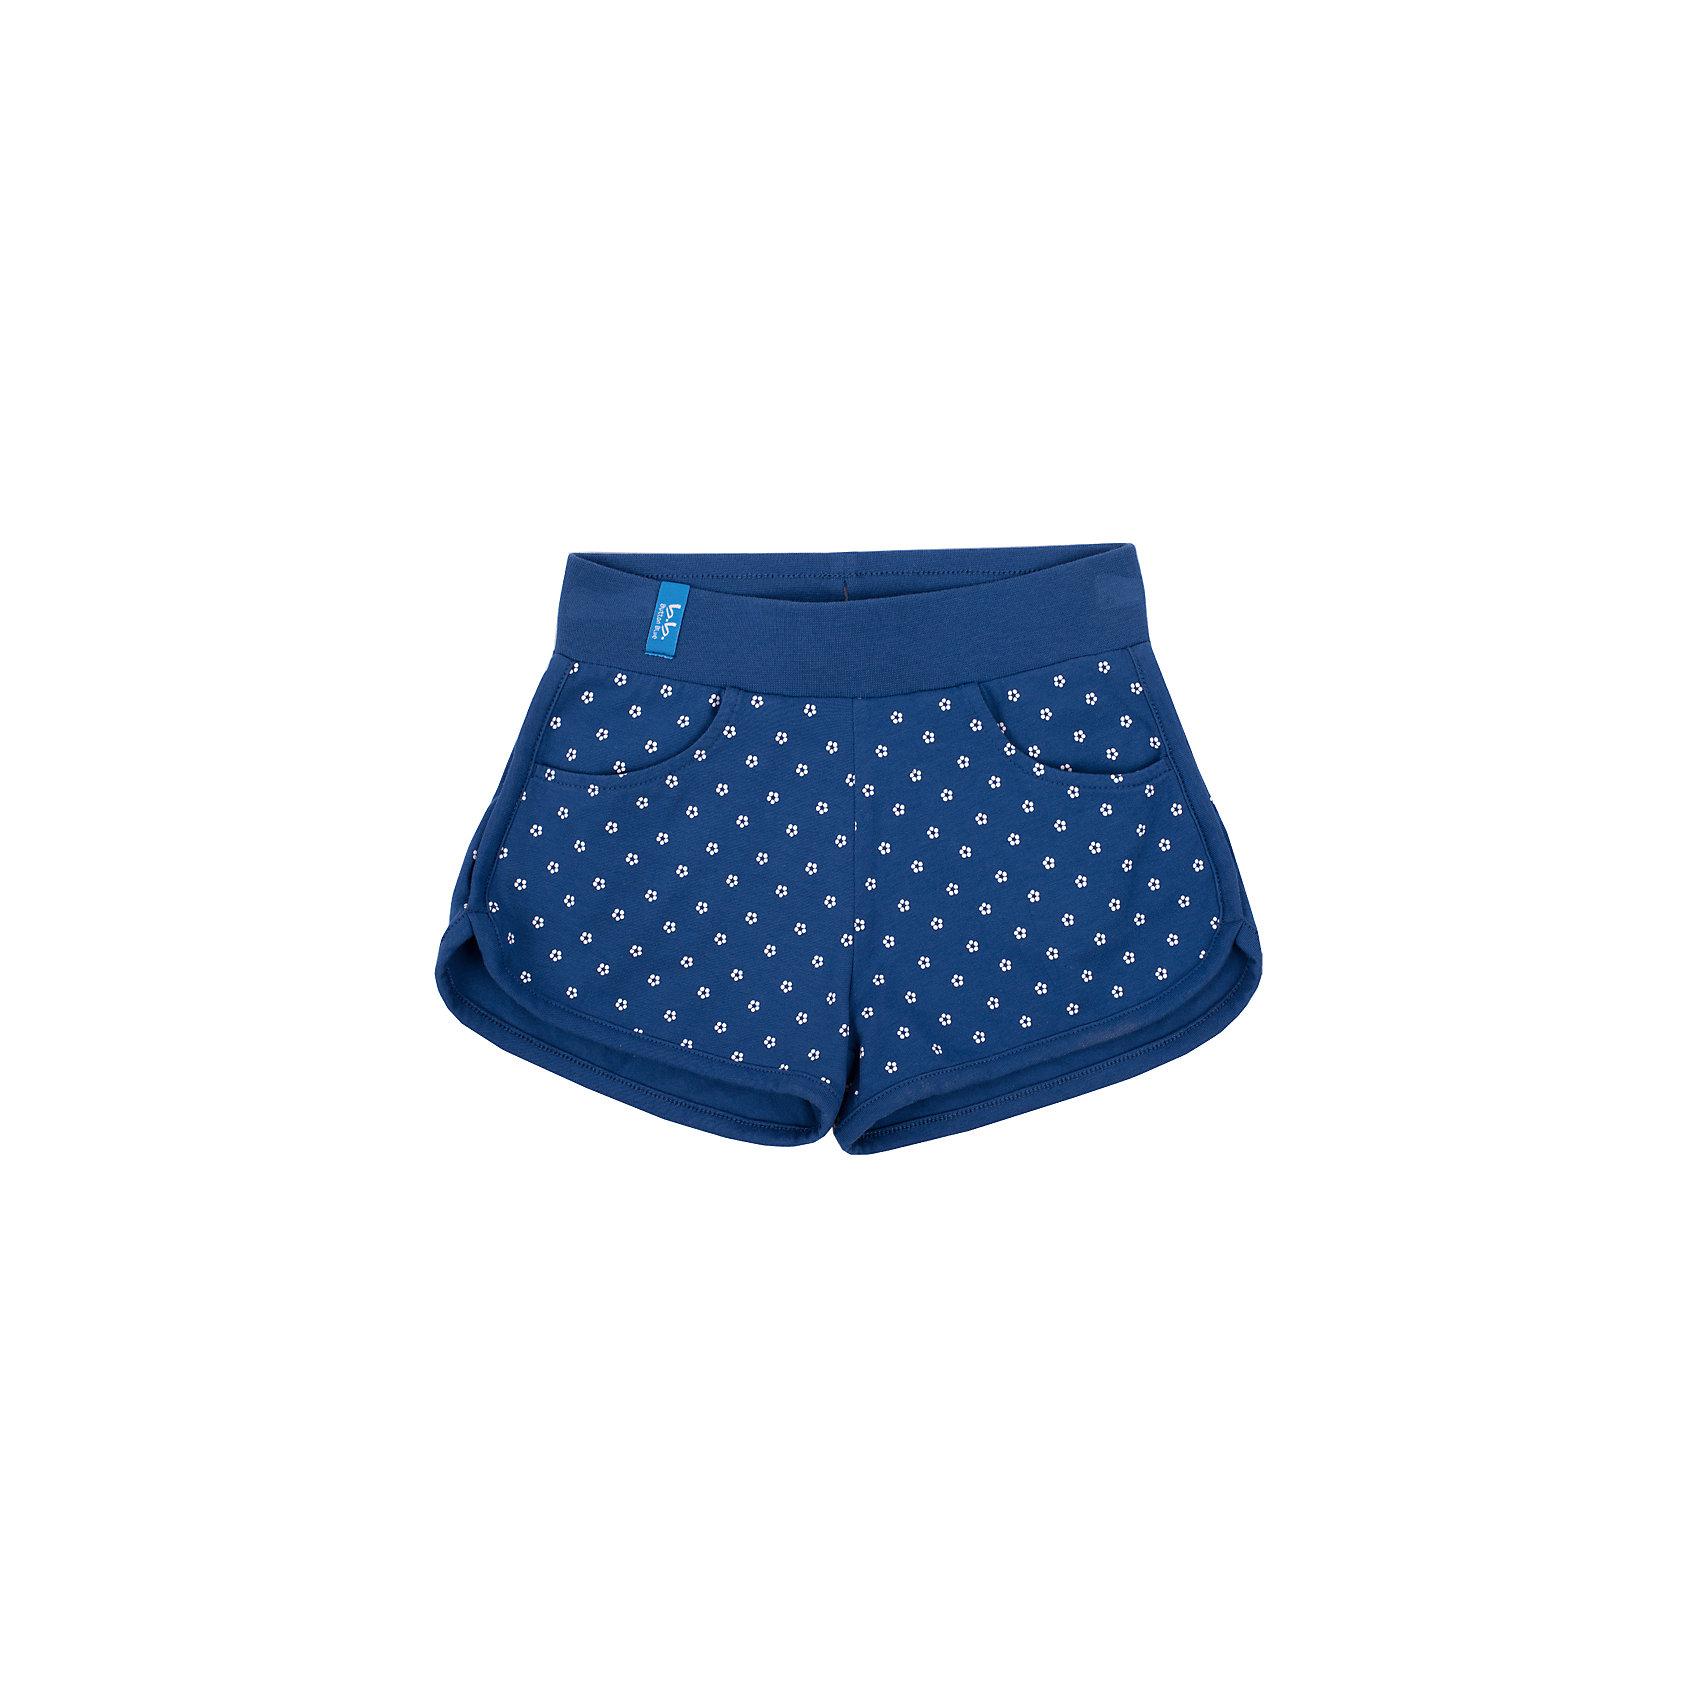 Шорты для девочки Button BlueДетские трикотажные шорты — образец комфорта! Синие шорты в мелкий цветочек для девочки сделают летний комплект в спортивном стиле ярким и интересным. Если вы хотите купить недорого классные шорты на каждый день, эта модель — то, что нужно.<br>Состав:<br>95% хлопок           5% эластан<br><br>Ширина мм: 191<br>Глубина мм: 10<br>Высота мм: 175<br>Вес г: 273<br>Цвет: синий<br>Возраст от месяцев: 72<br>Возраст до месяцев: 84<br>Пол: Женский<br>Возраст: Детский<br>Размер: 122,134,110,98,128,104,140,116<br>SKU: 4510642